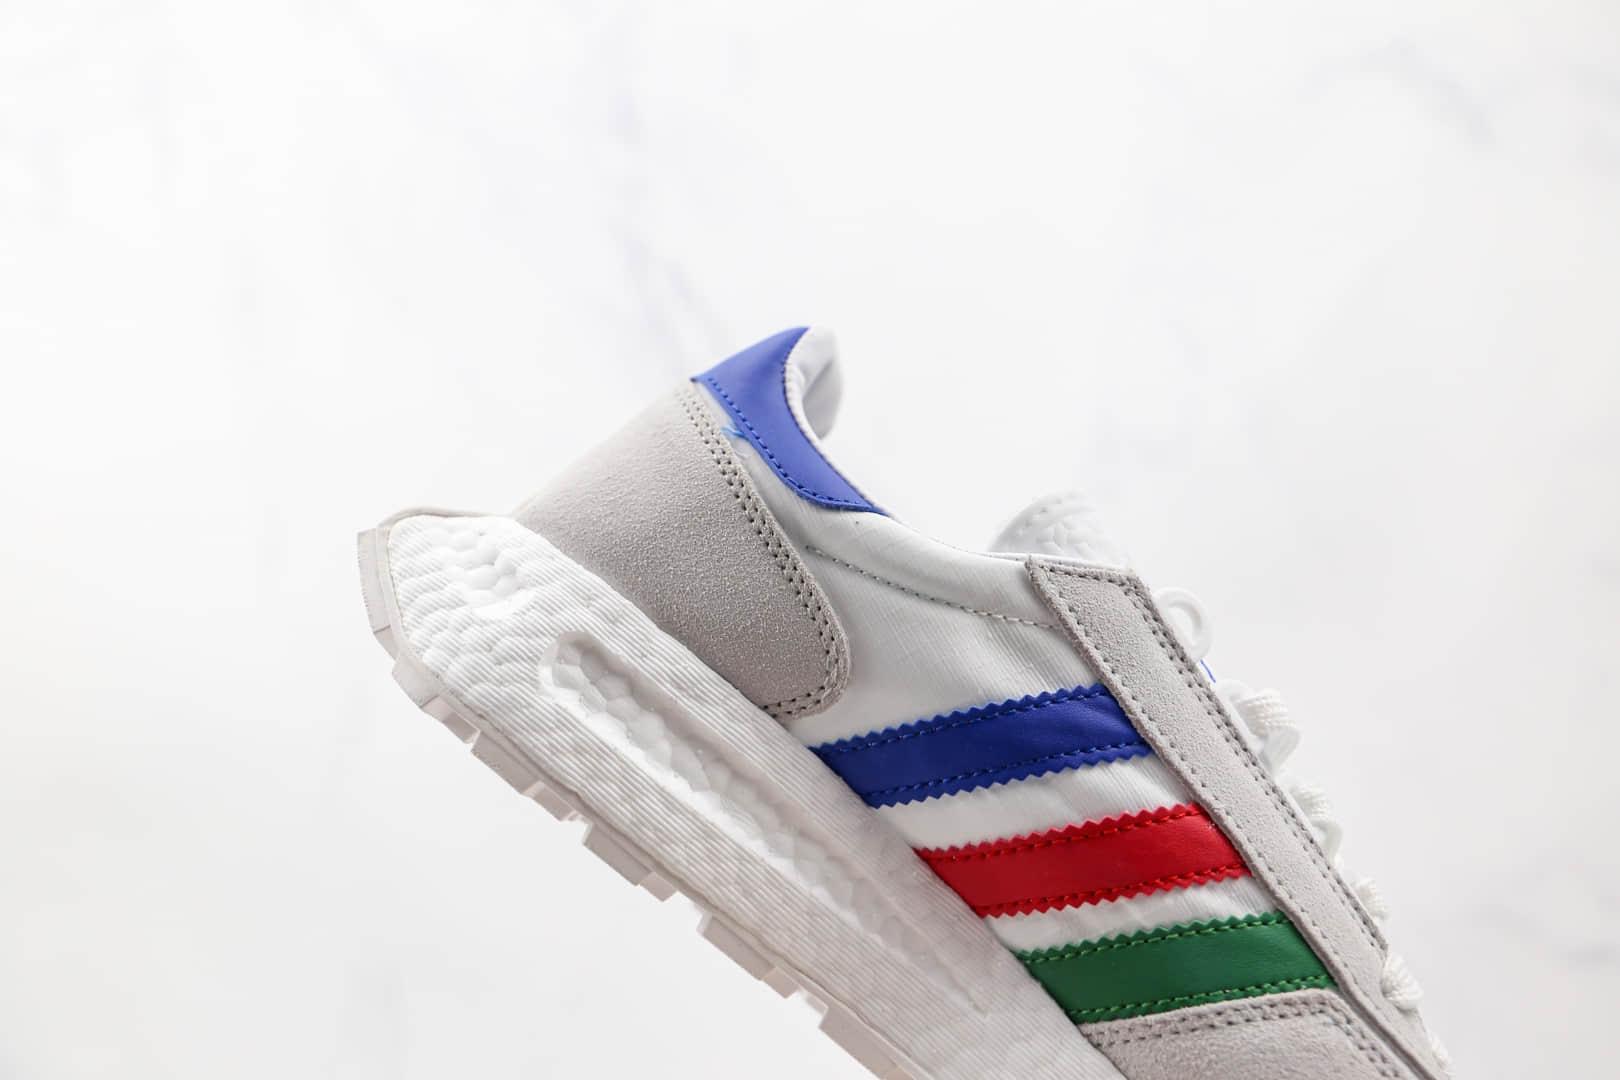 阿迪达斯adidas Retropy E5纯原版本运动休闲爆米花跑鞋白彩虹色原档案数据开发 货号:Q47513